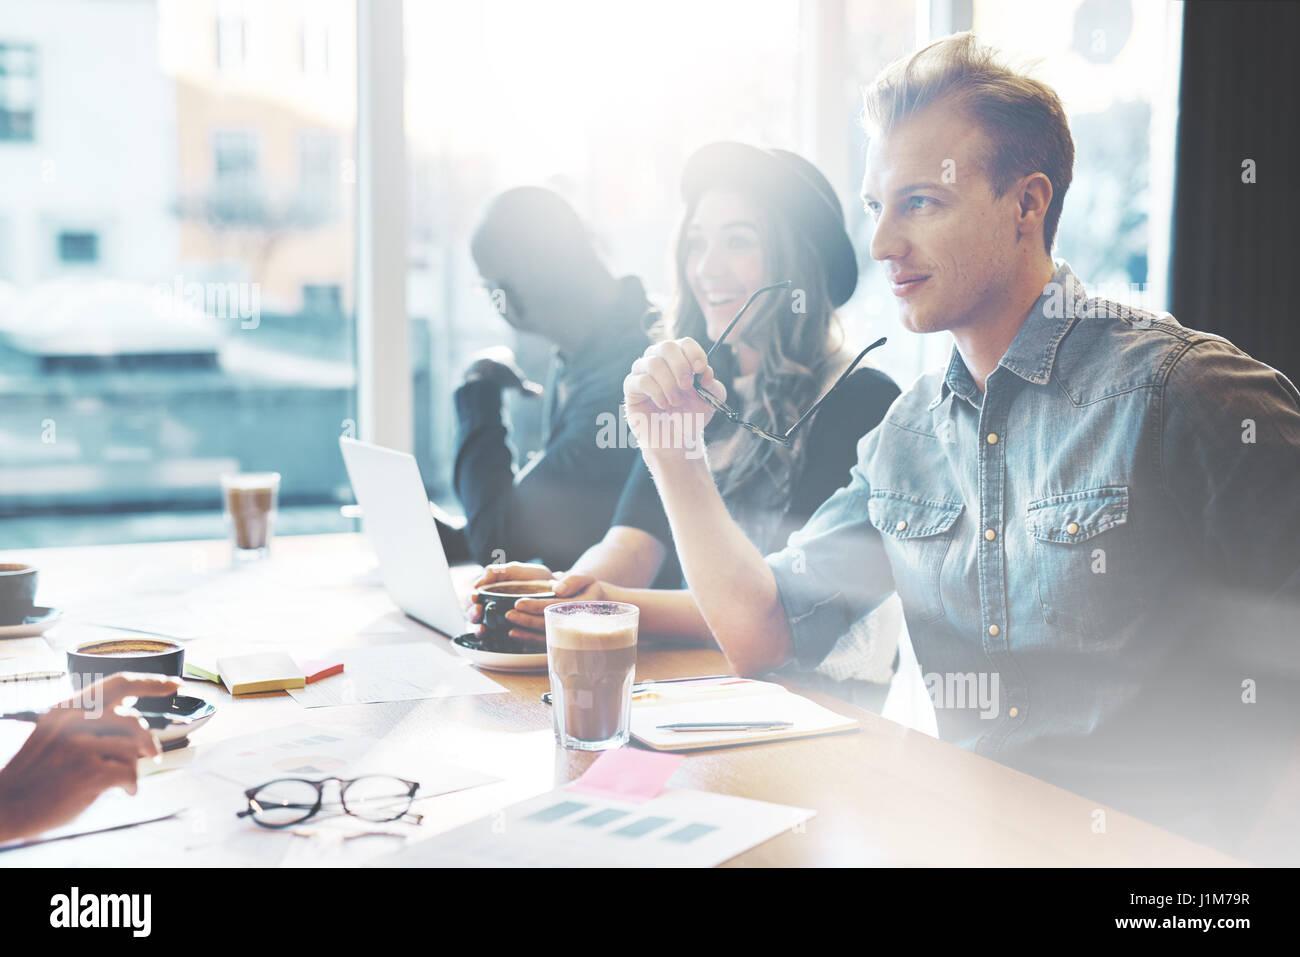 Bel giovane uomo caucasico nell incontro al grande tavolo da conferenza in ufficio con finestre luminose Immagini Stock